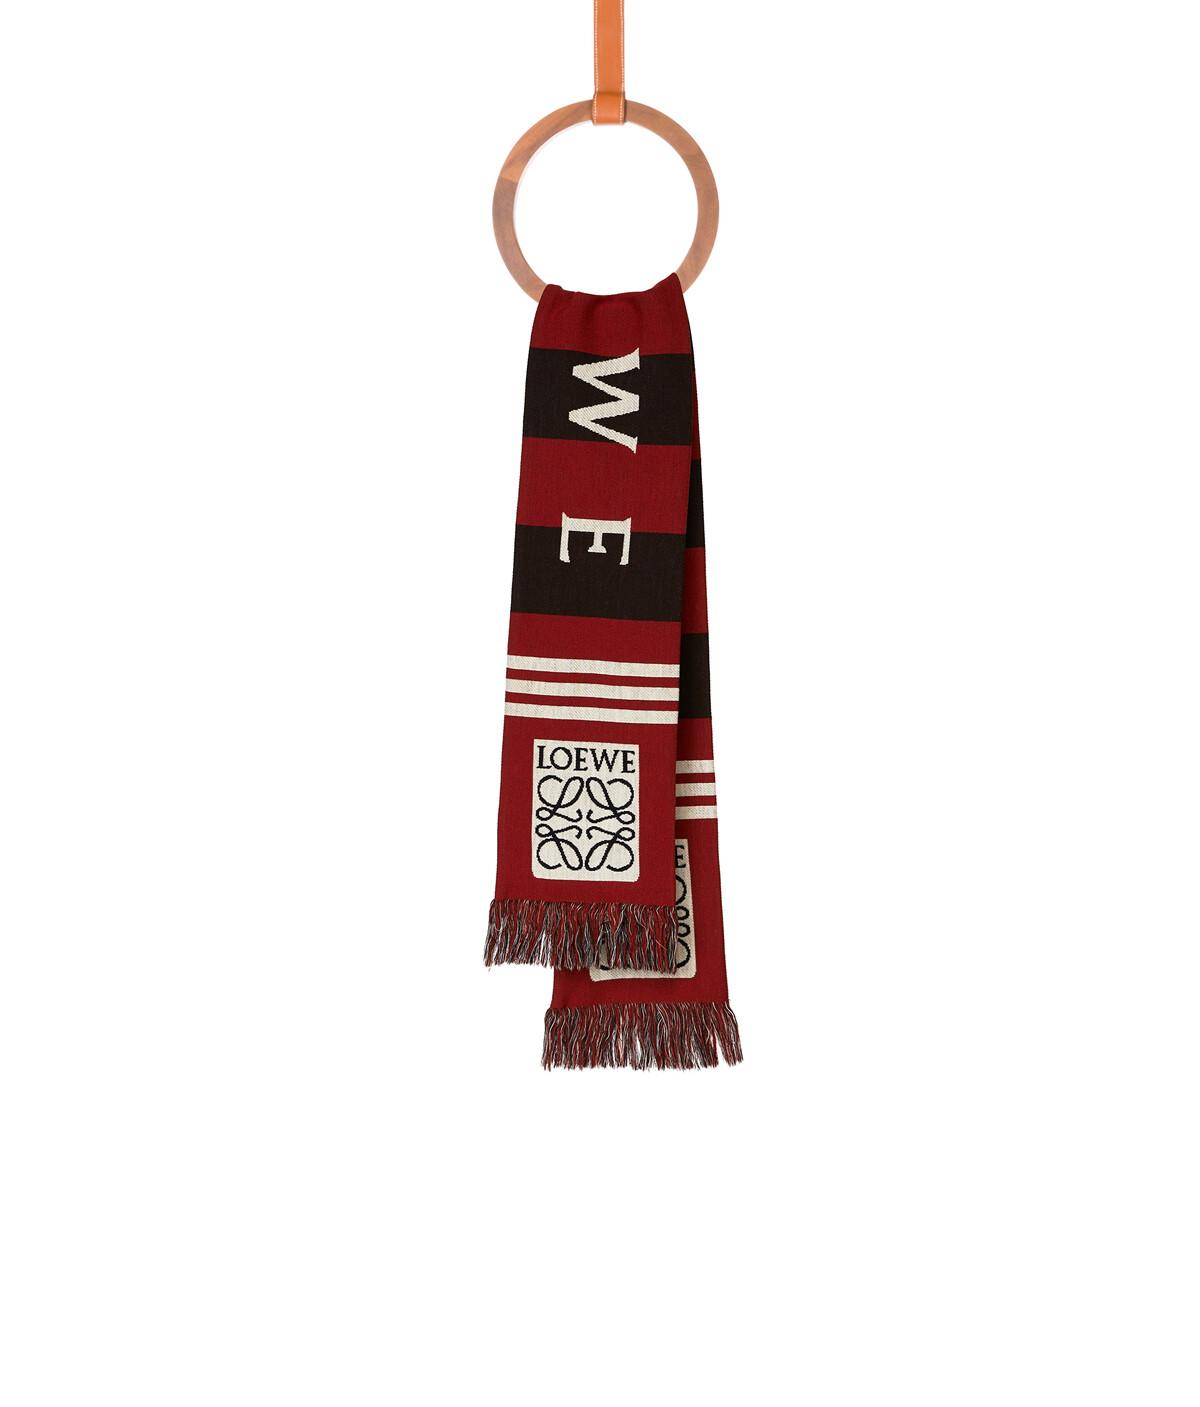 LOEWE 17X120 Loewe提花围巾 红色 front